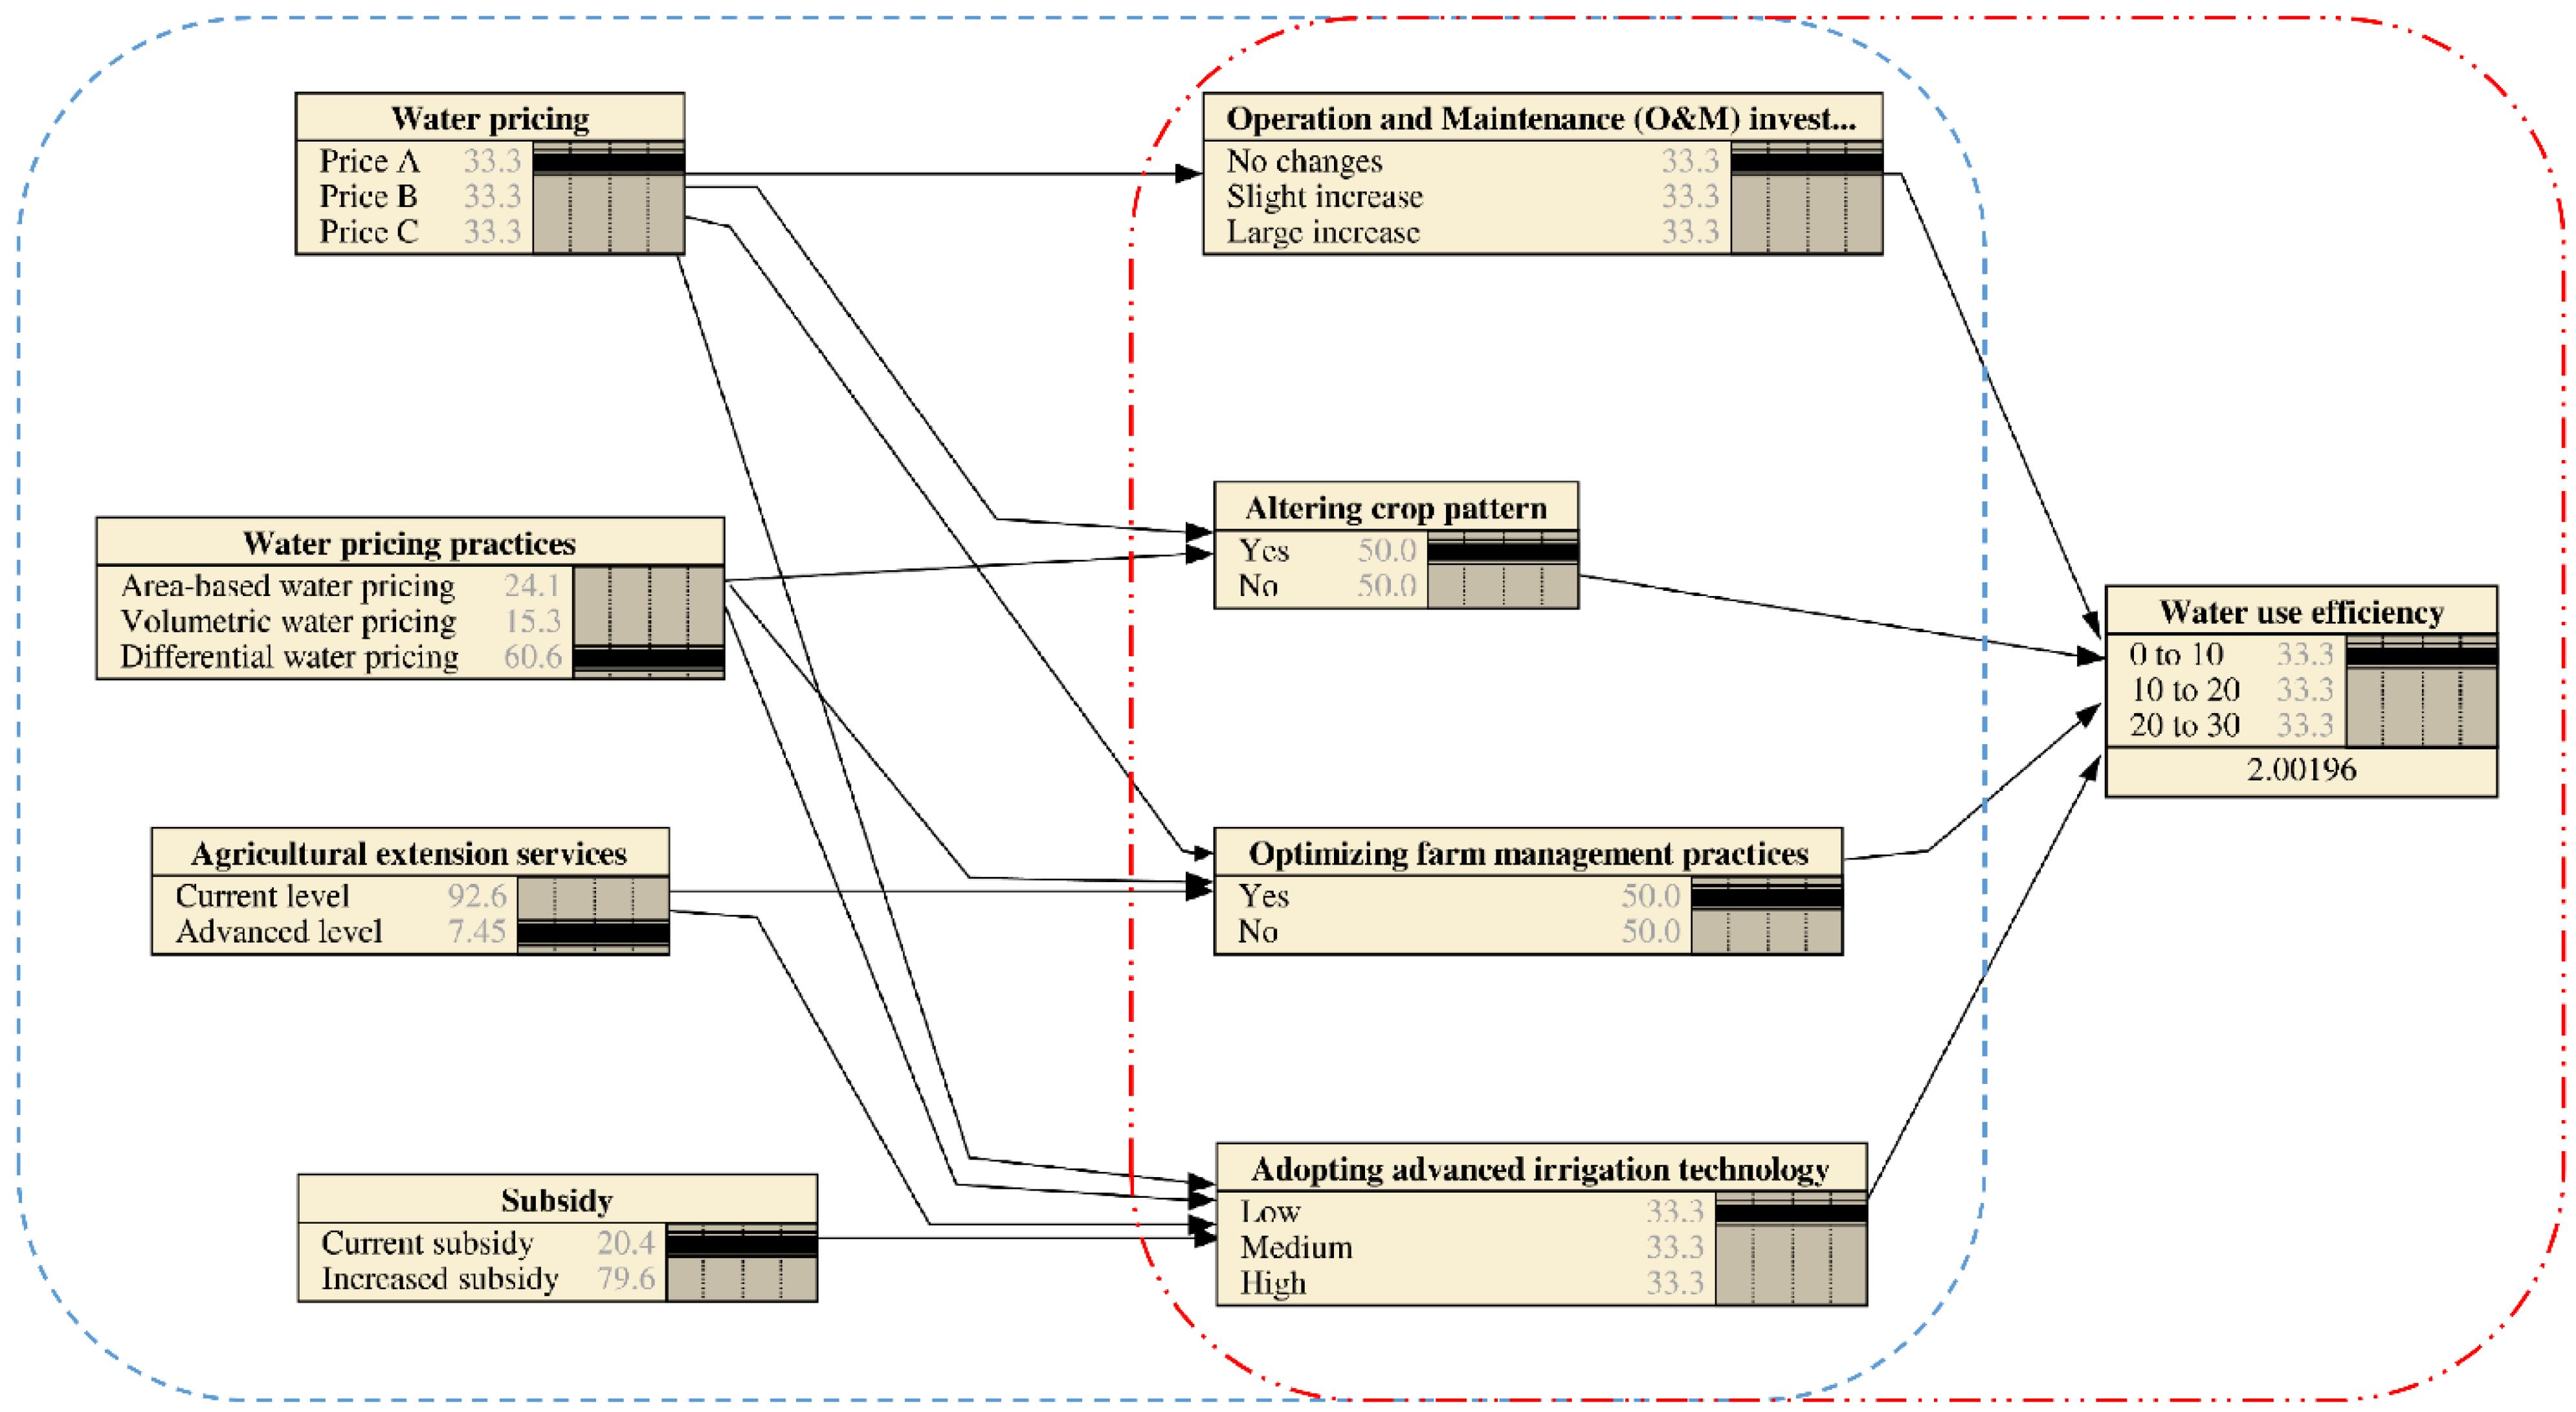 ebook внутренний аудит и контроль финансово